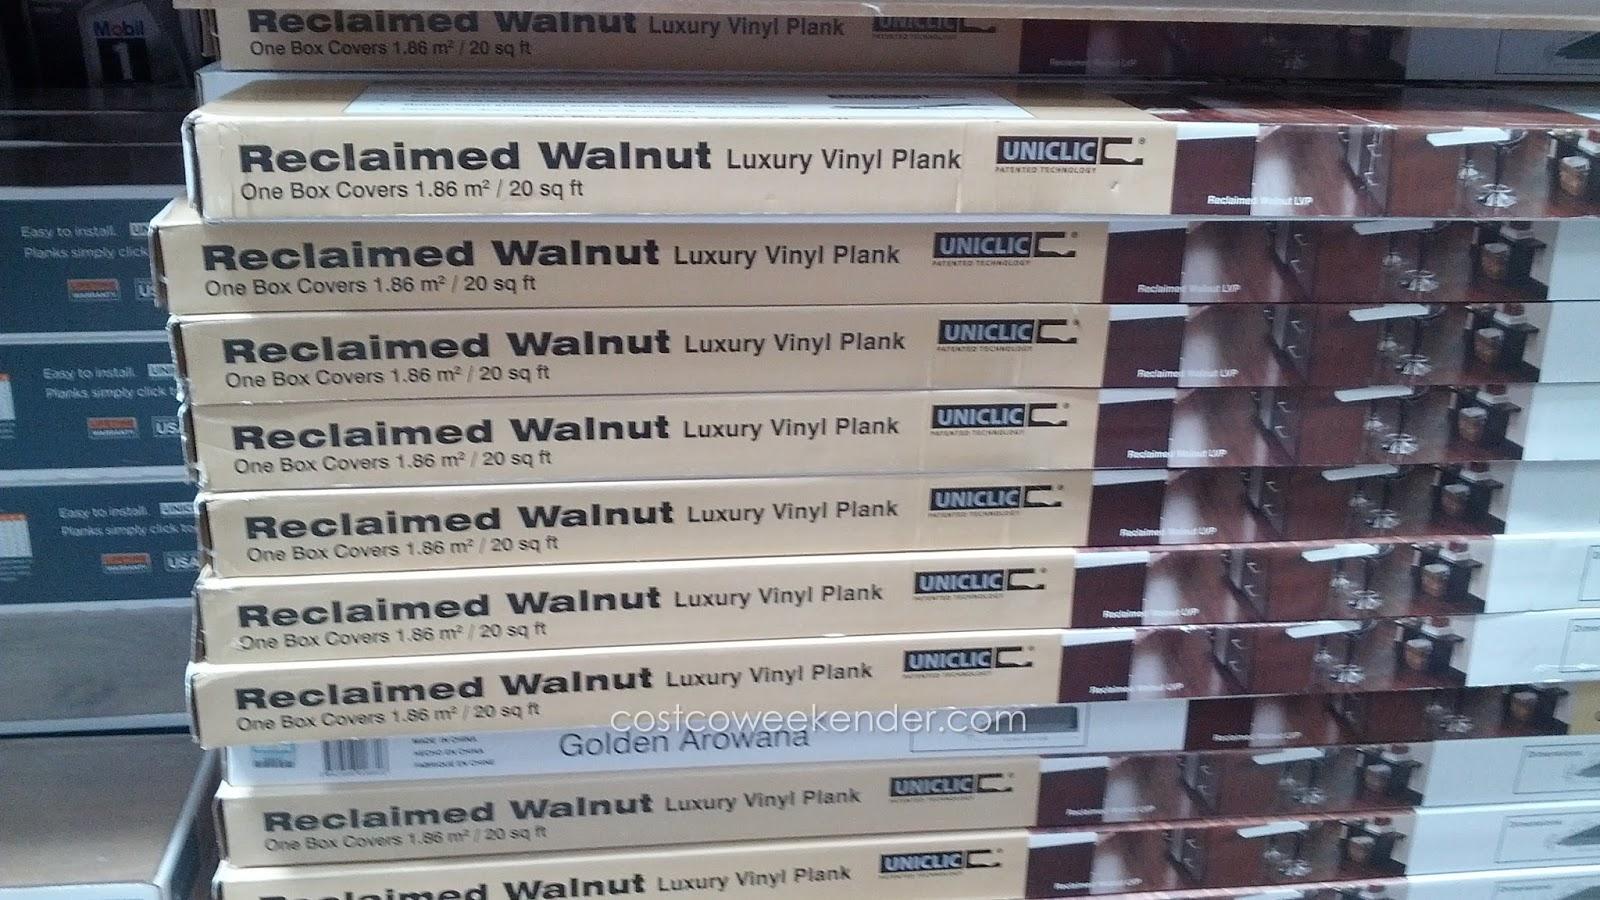 Golden Arowana Reclaimed Walnut Luxury Vinyl Plank ...